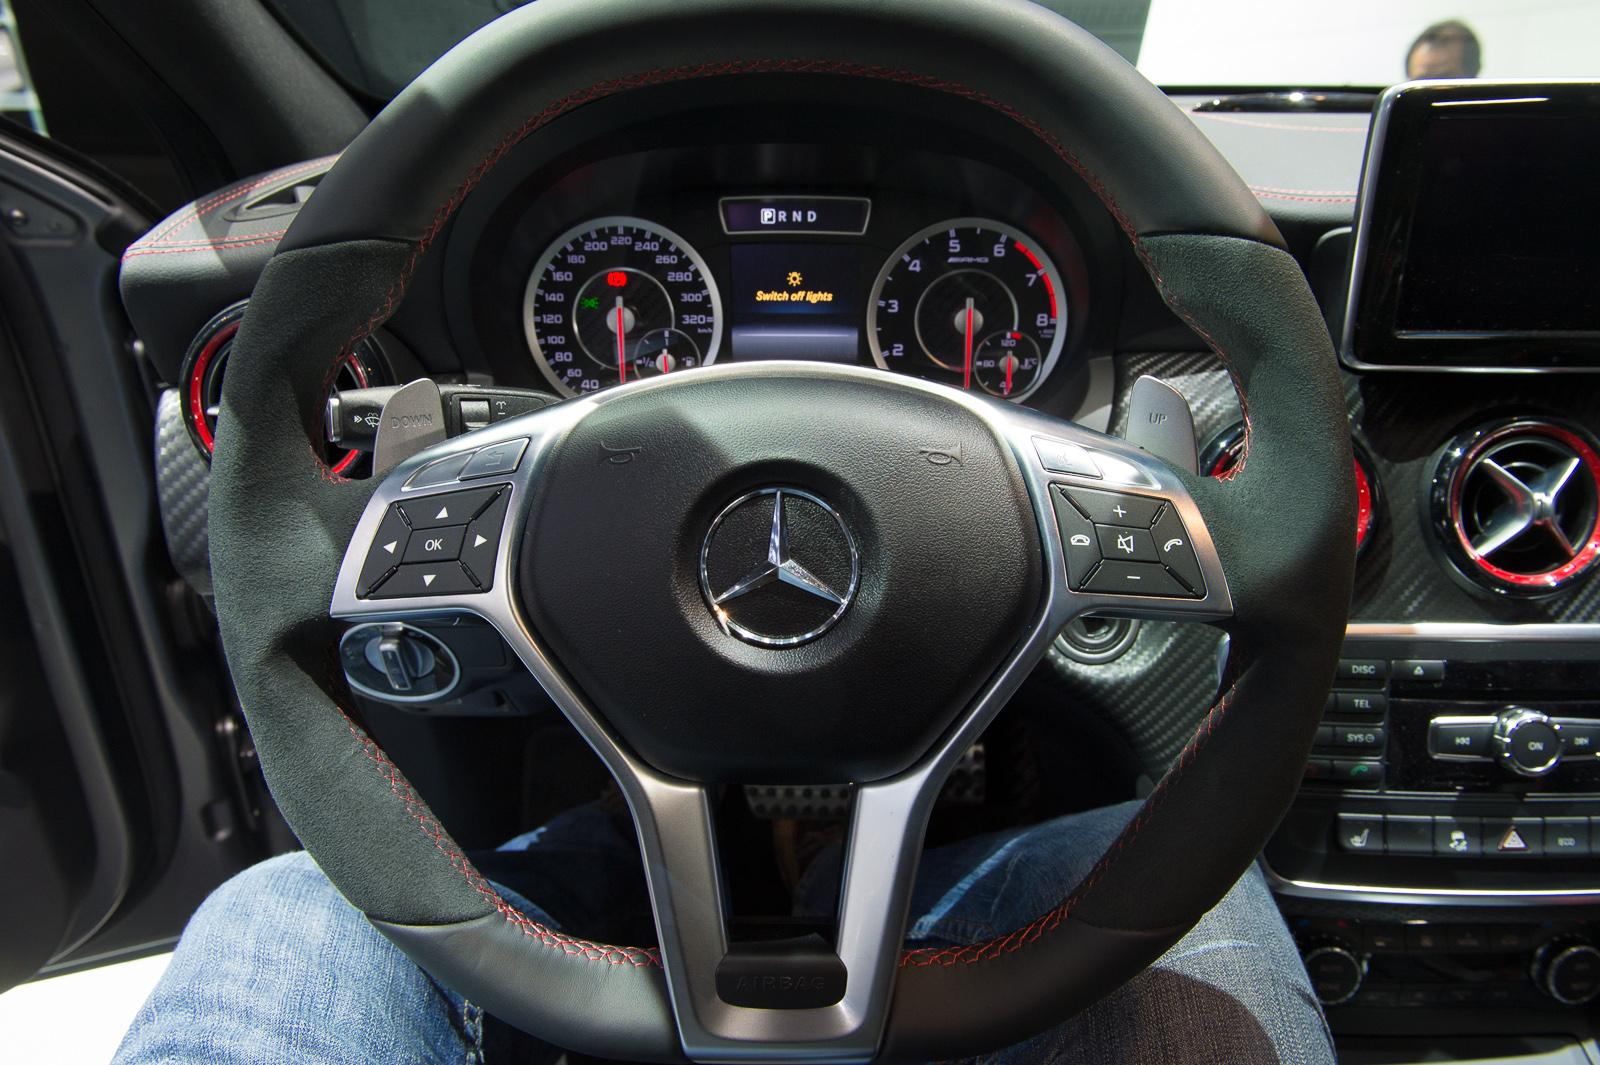 2013-mercedes-benz-a45-amg-mountaingrau-metallic-genf-auto-salon-16